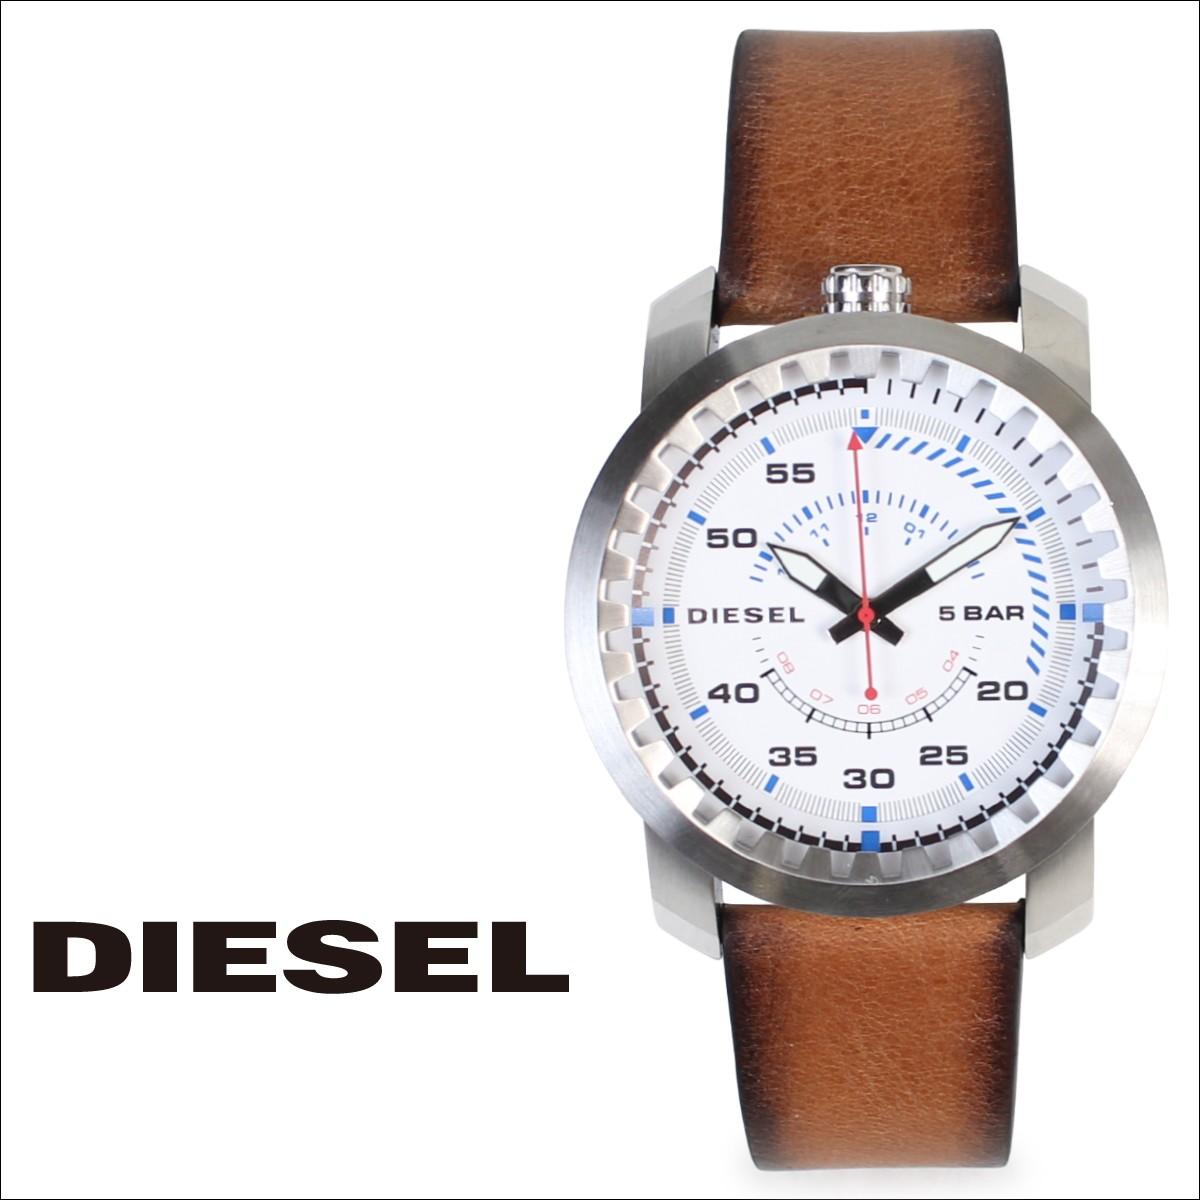 ディーゼル 時計 メンズ DIESEL 腕時計 46mm RIG DZ1749 ブラウン ホワイト